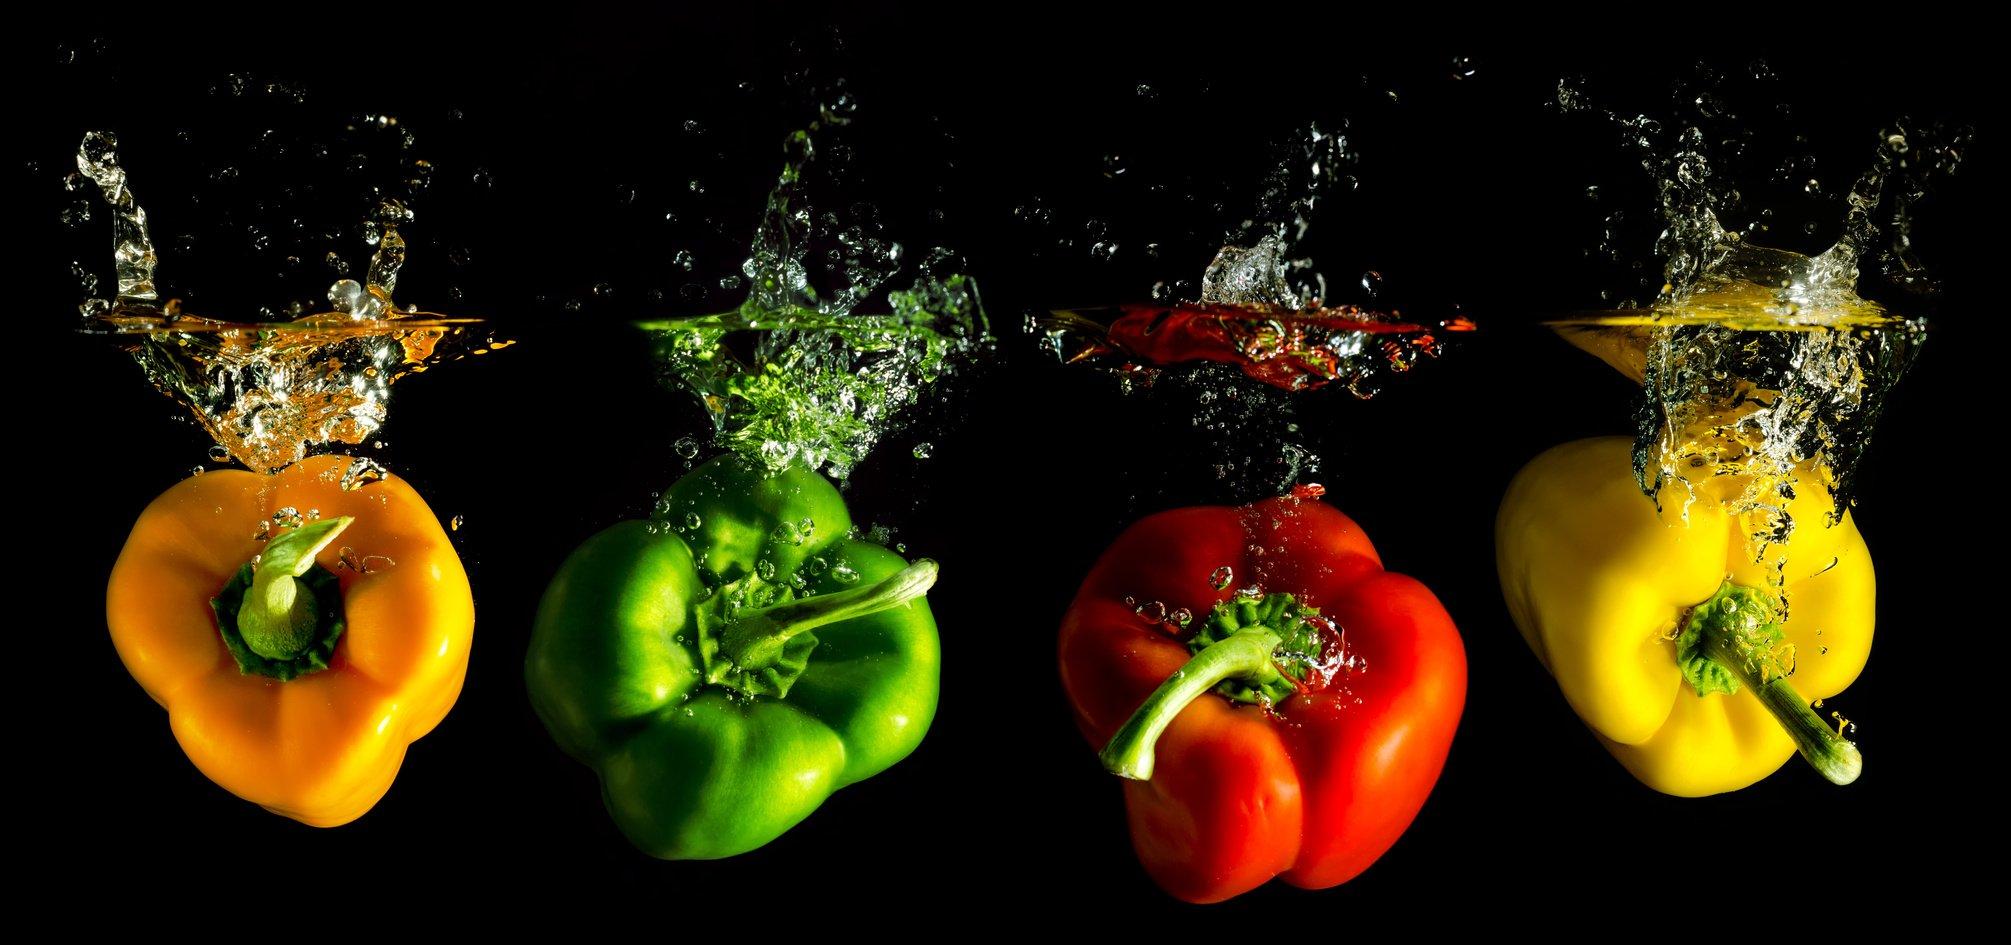 Food Intolerance vier verschieden farbige Paprika fallen ins Wasser